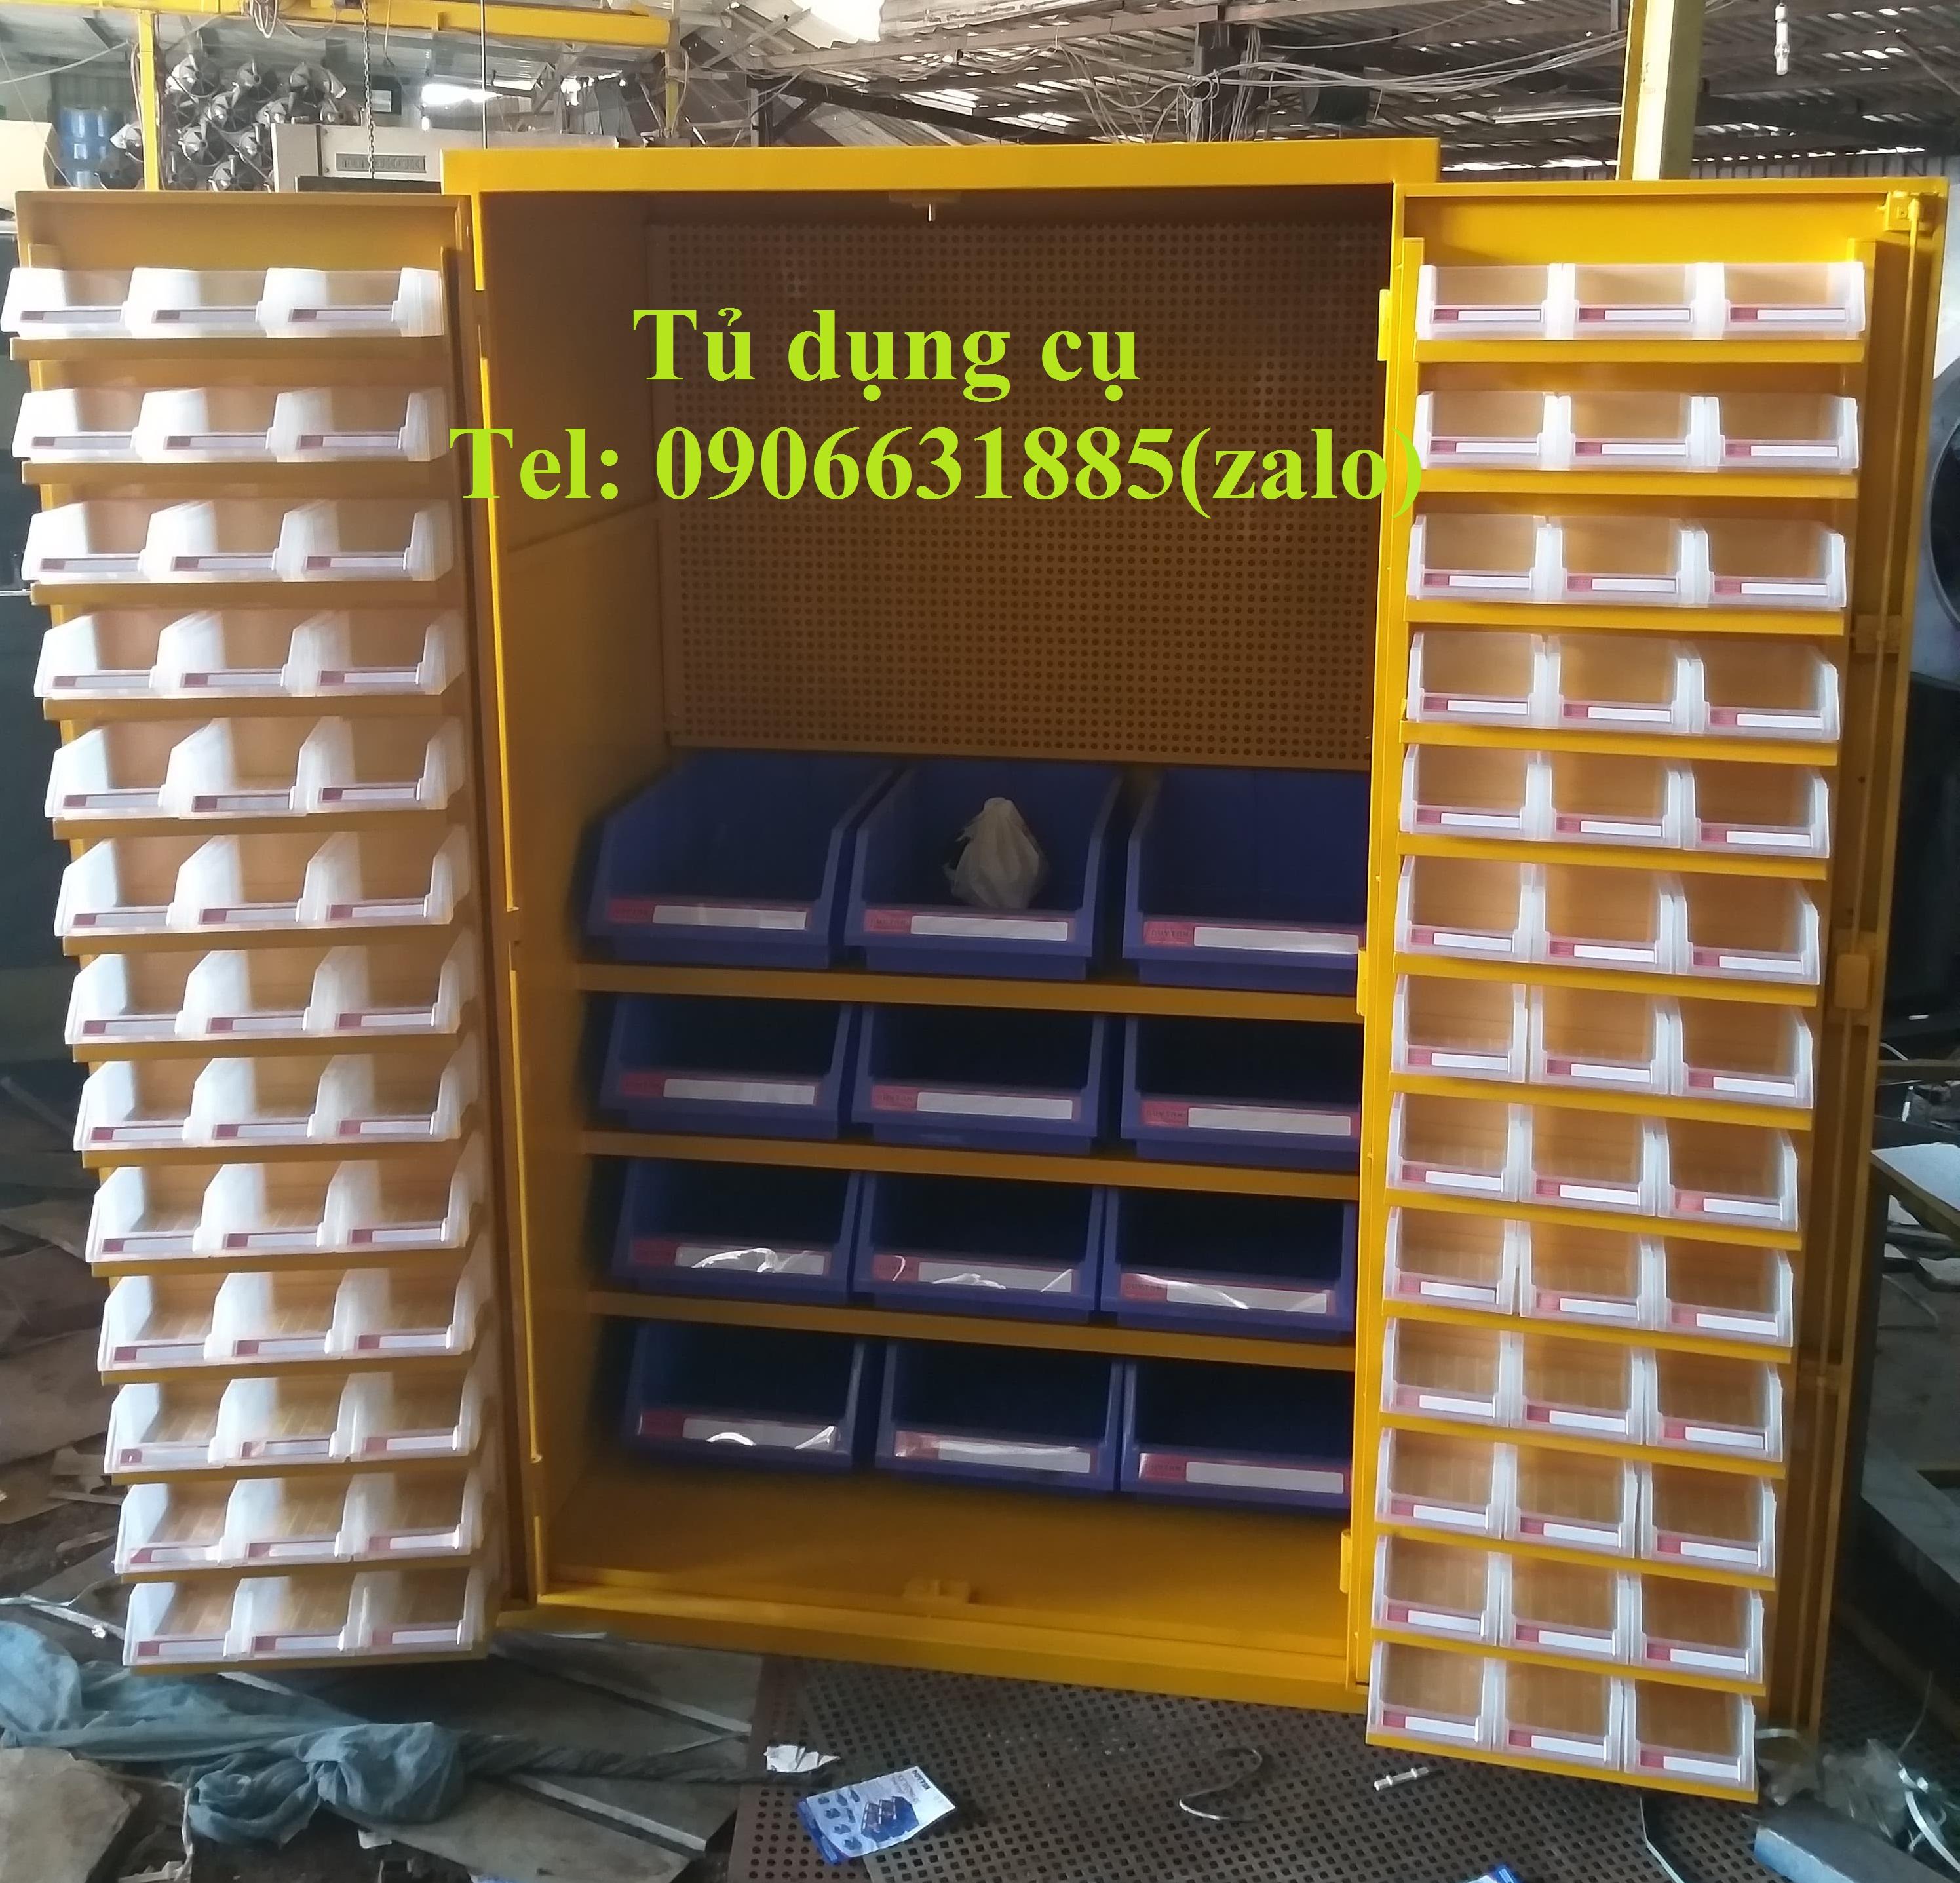 Tủ dụng cụ, tủ đựng đồ nghề cơ khí